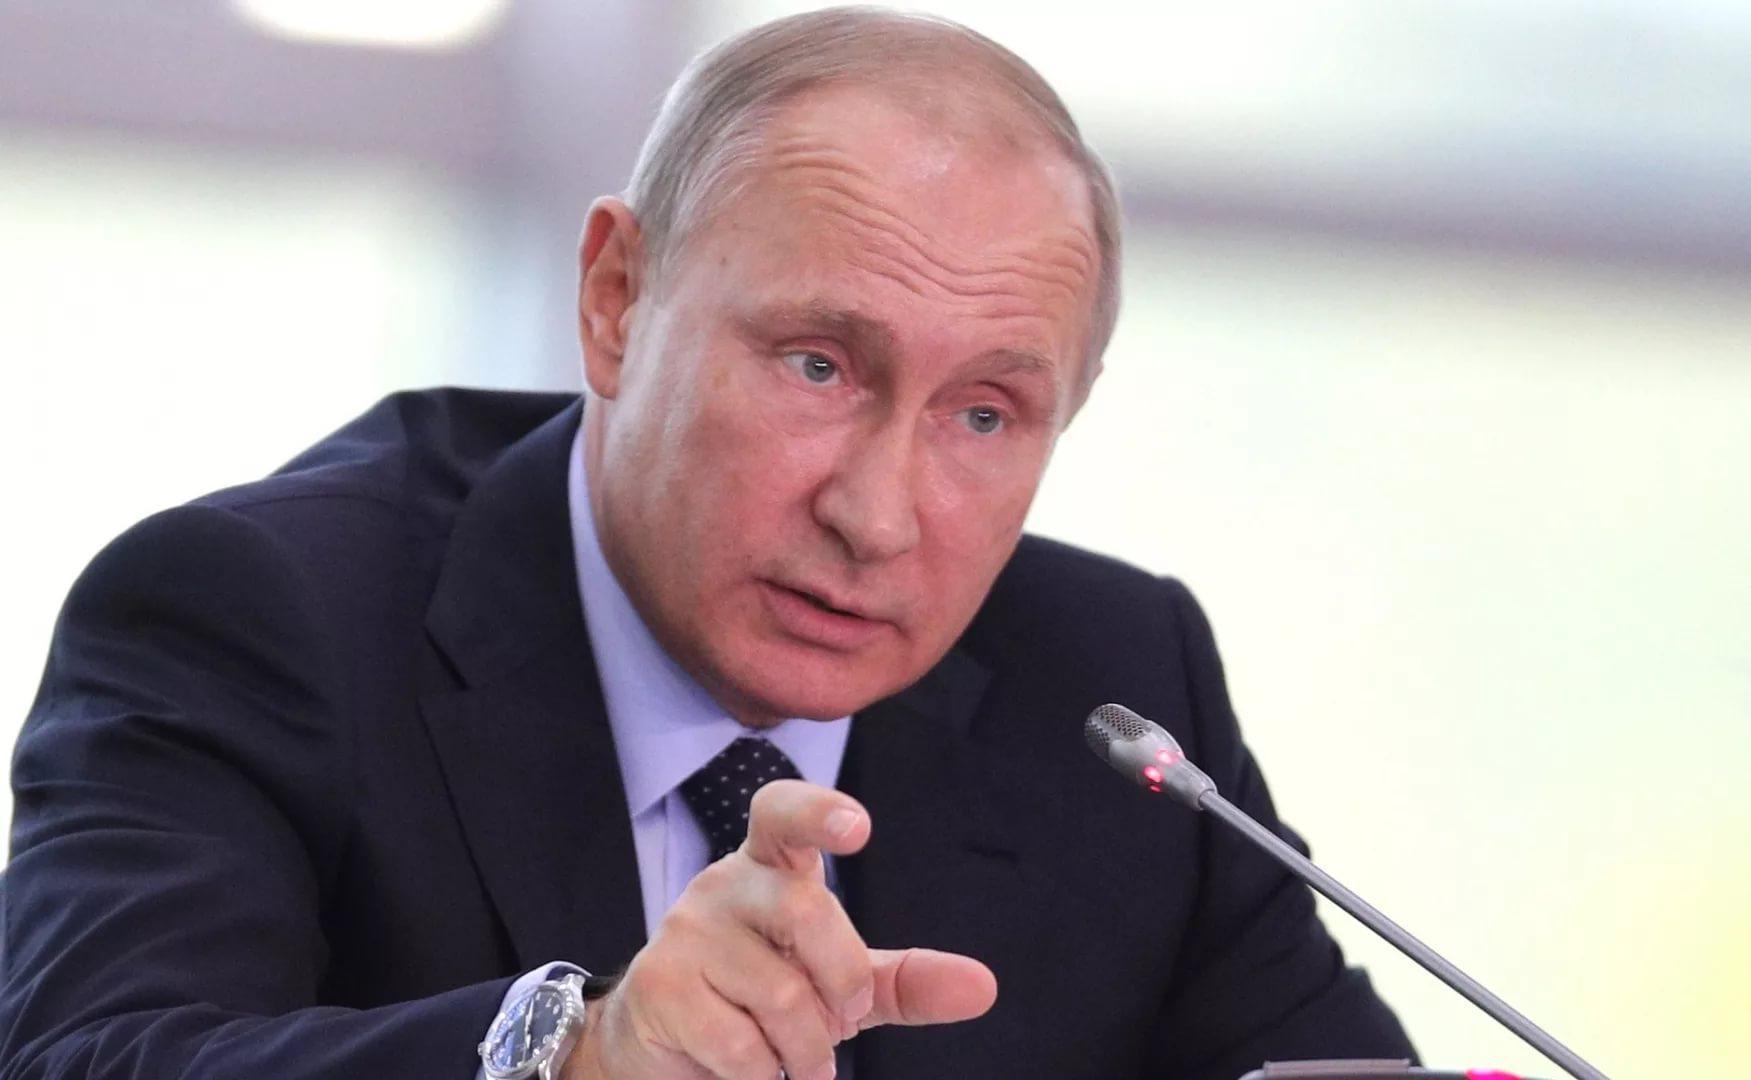 Ի՞նչ ուղղութիւններով պիտի գործակցինք Հայաստանի հետ. Փութին փակագիծներ բացած է